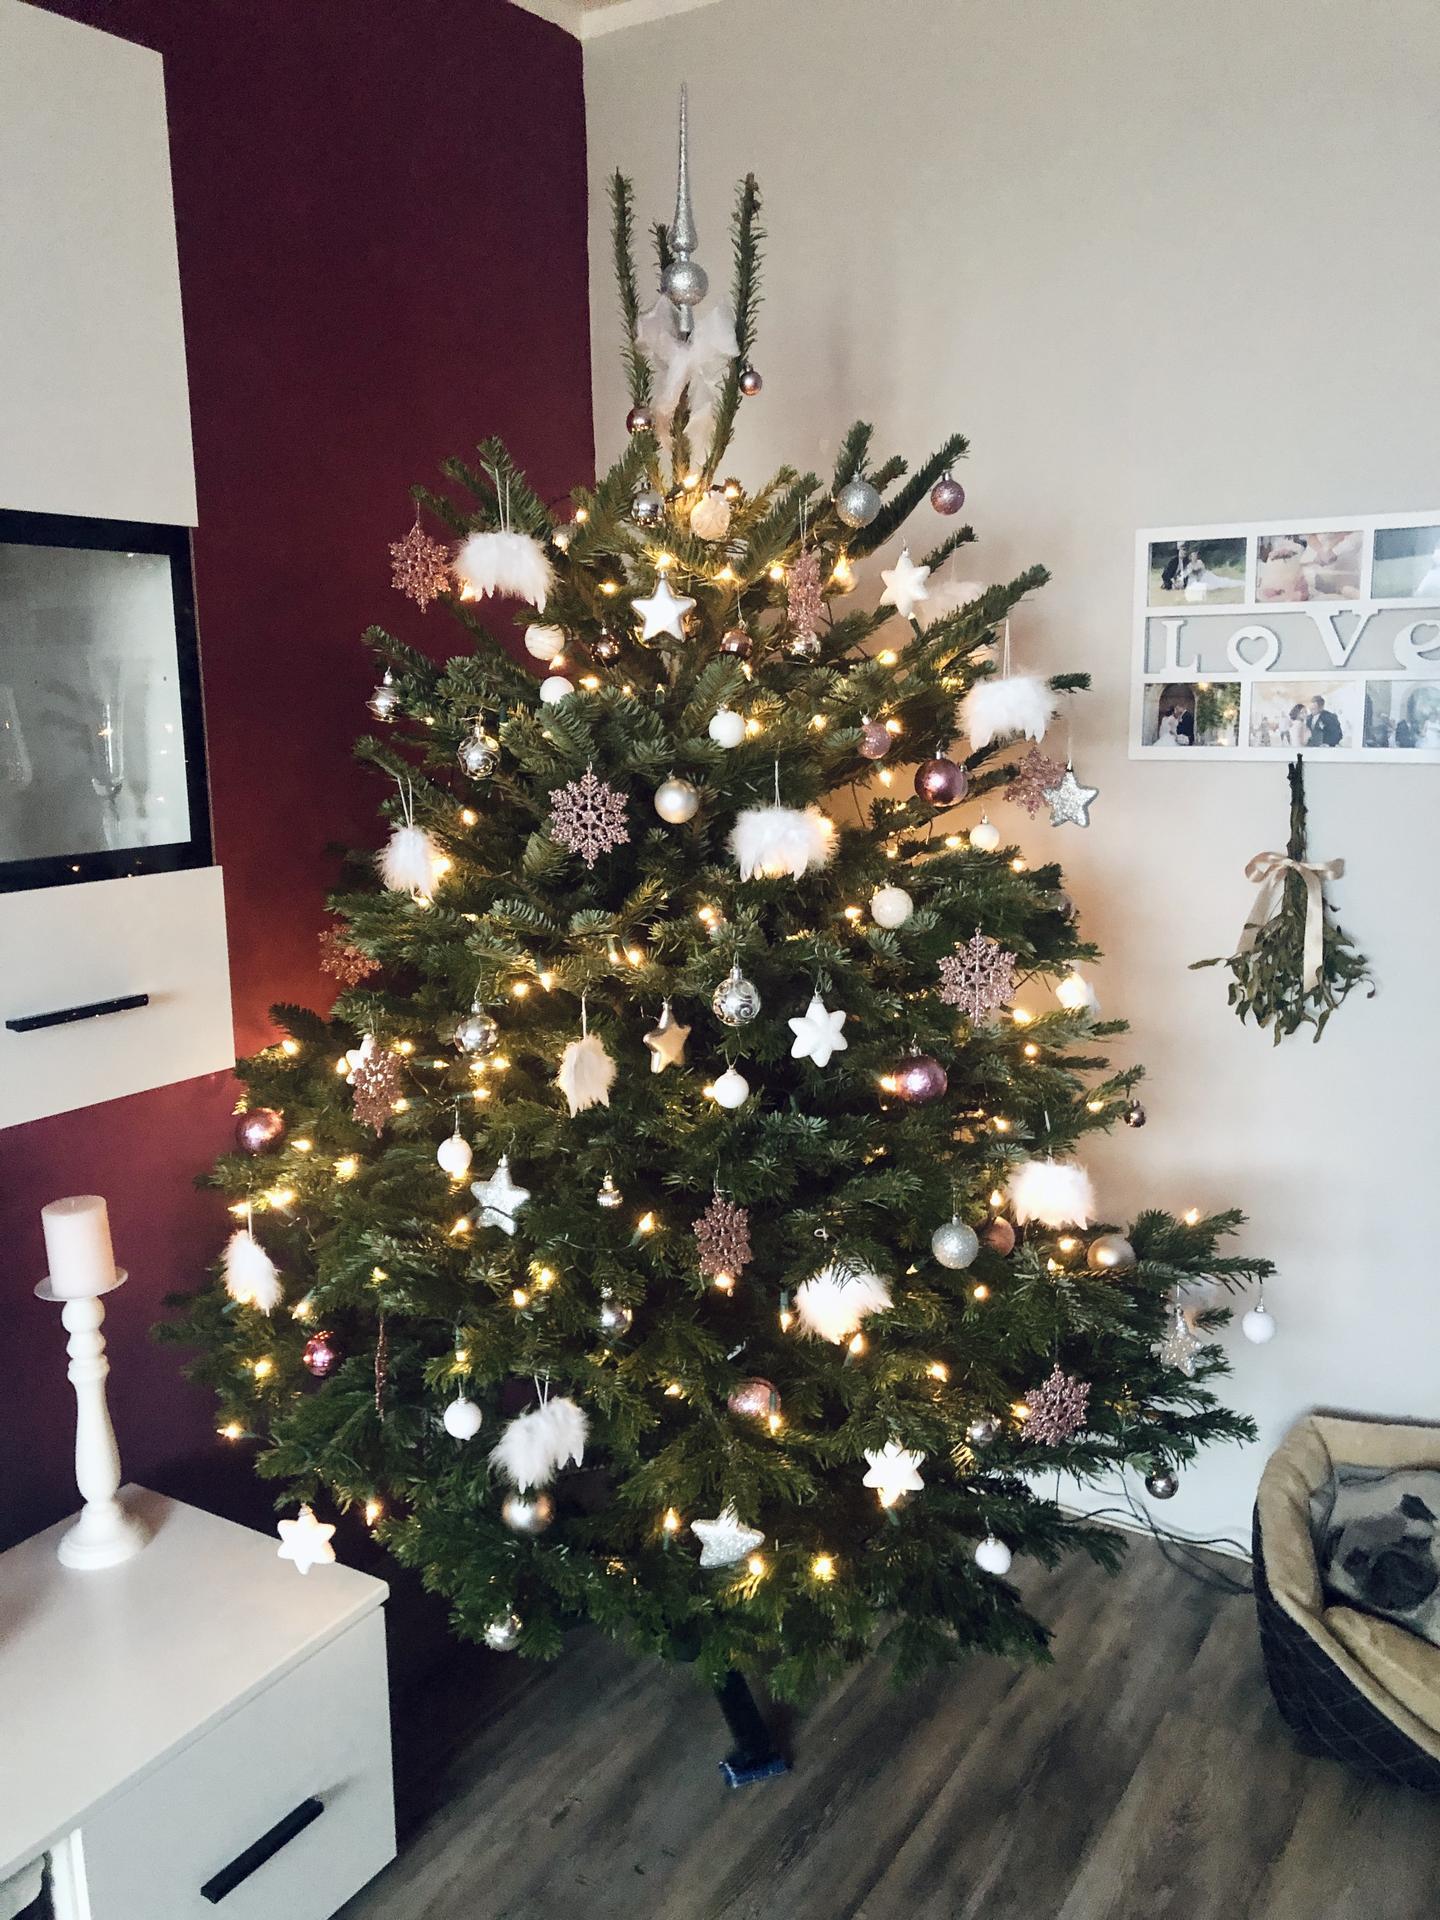 Tak u nás letos poslední Vánoce v bytě, příští rok už budeme v 🏠🤩 Všem krásné svátky v kruhu rodiny🎄✨✨ - Obrázek č. 1